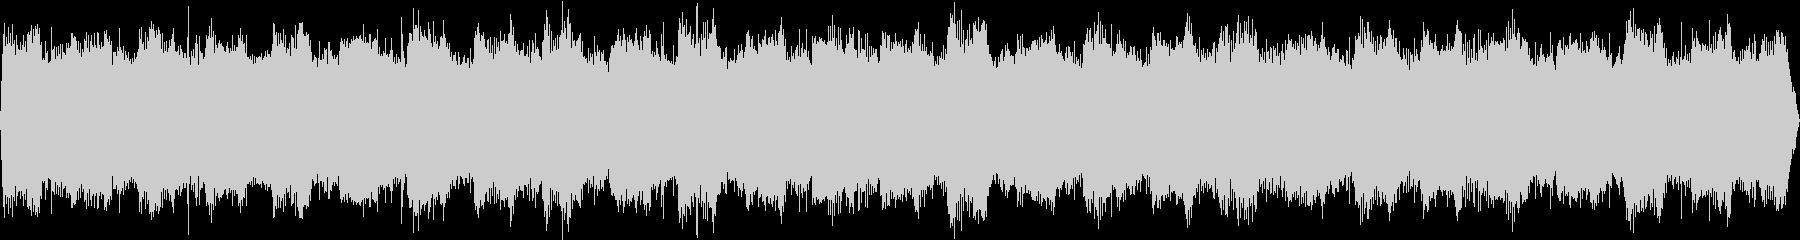 睡眠ヒーリング作業瞑想ピアノBGMの未再生の波形